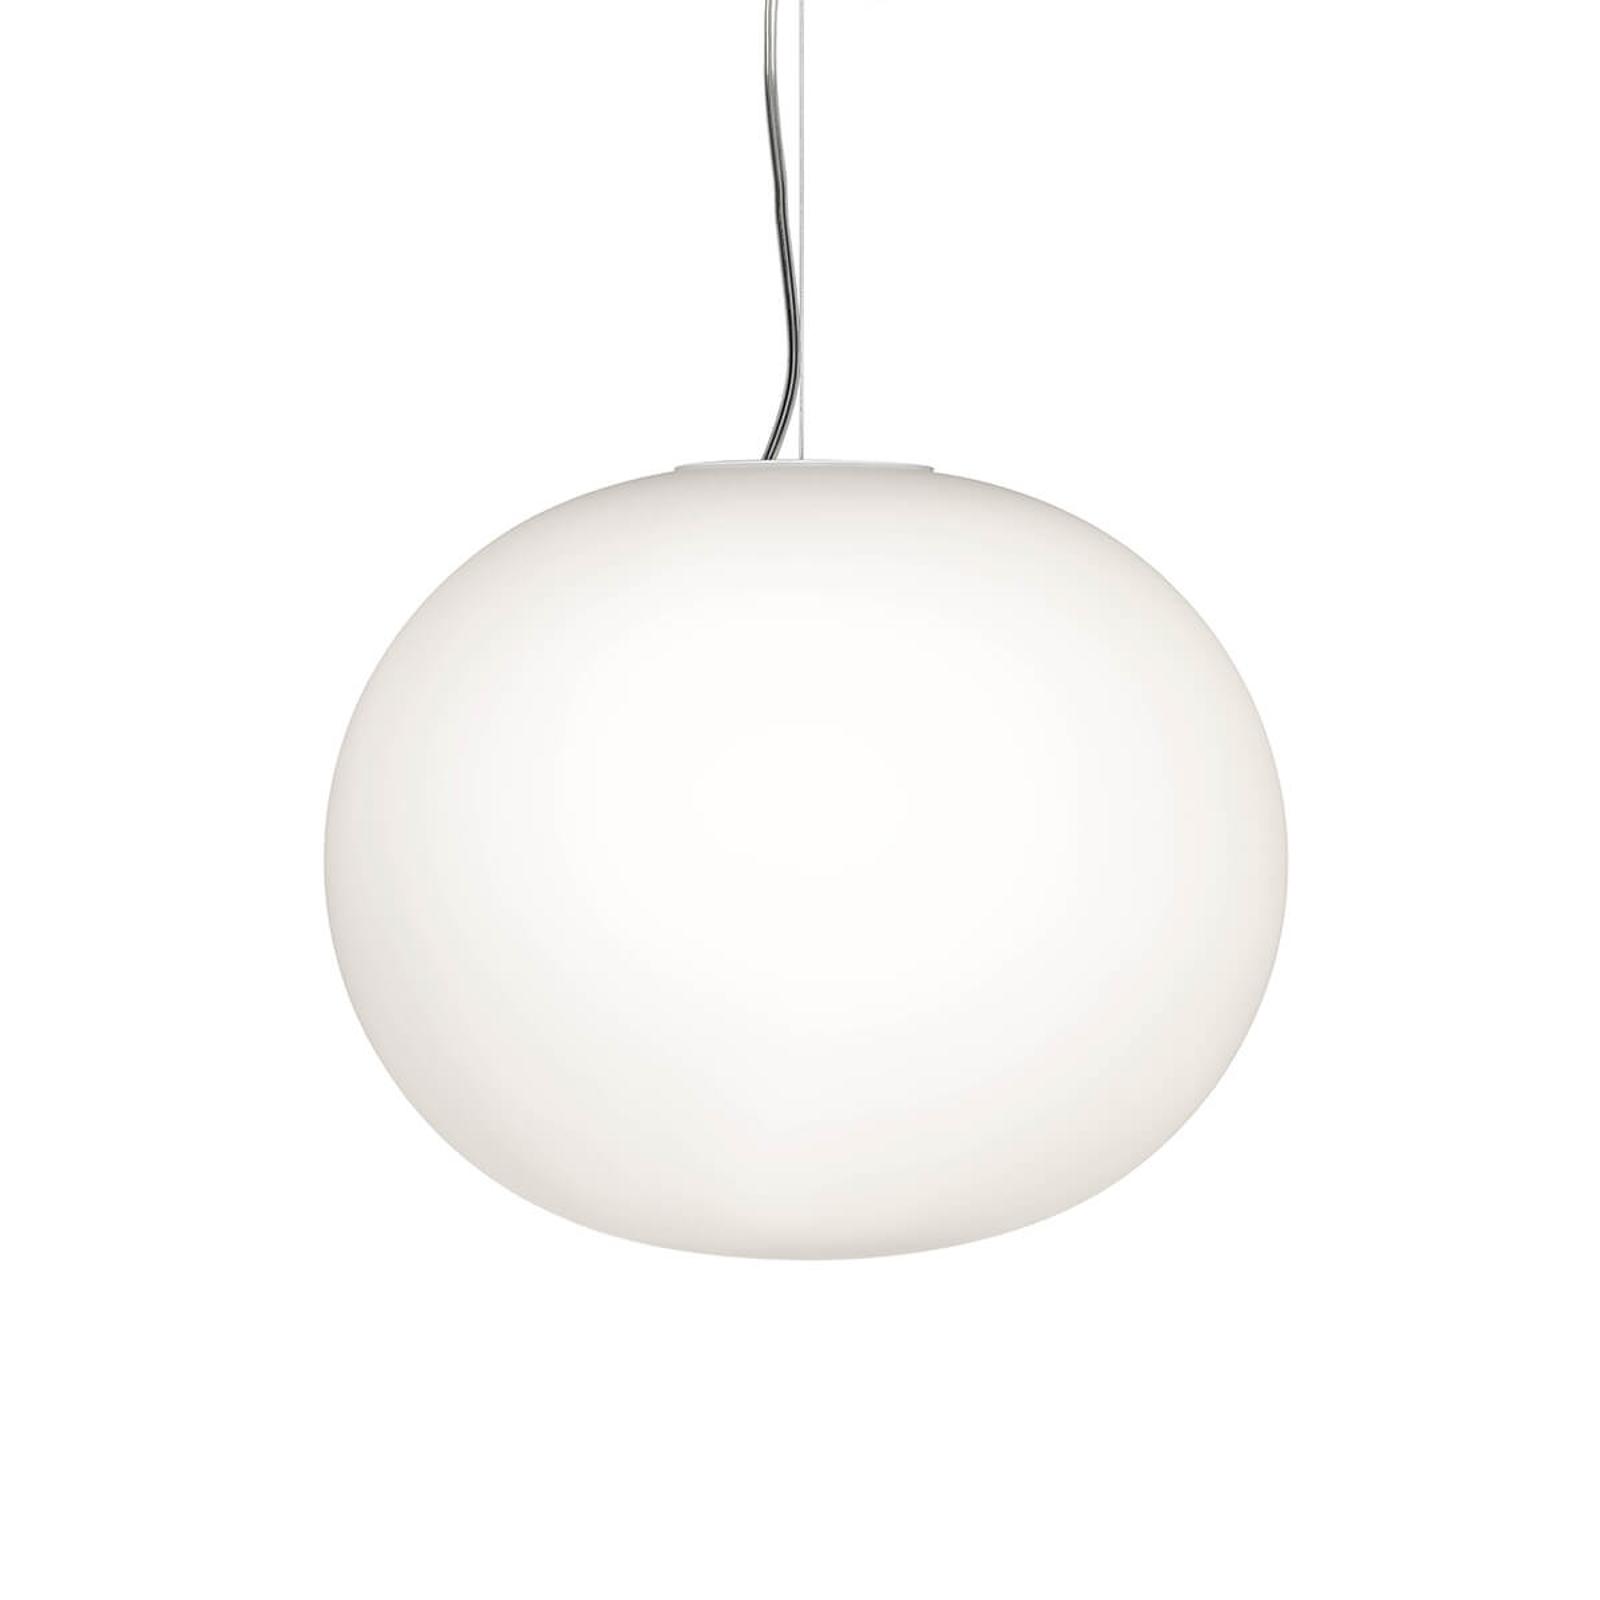 Klotrund hänglampa GLO-BALL 33 cm